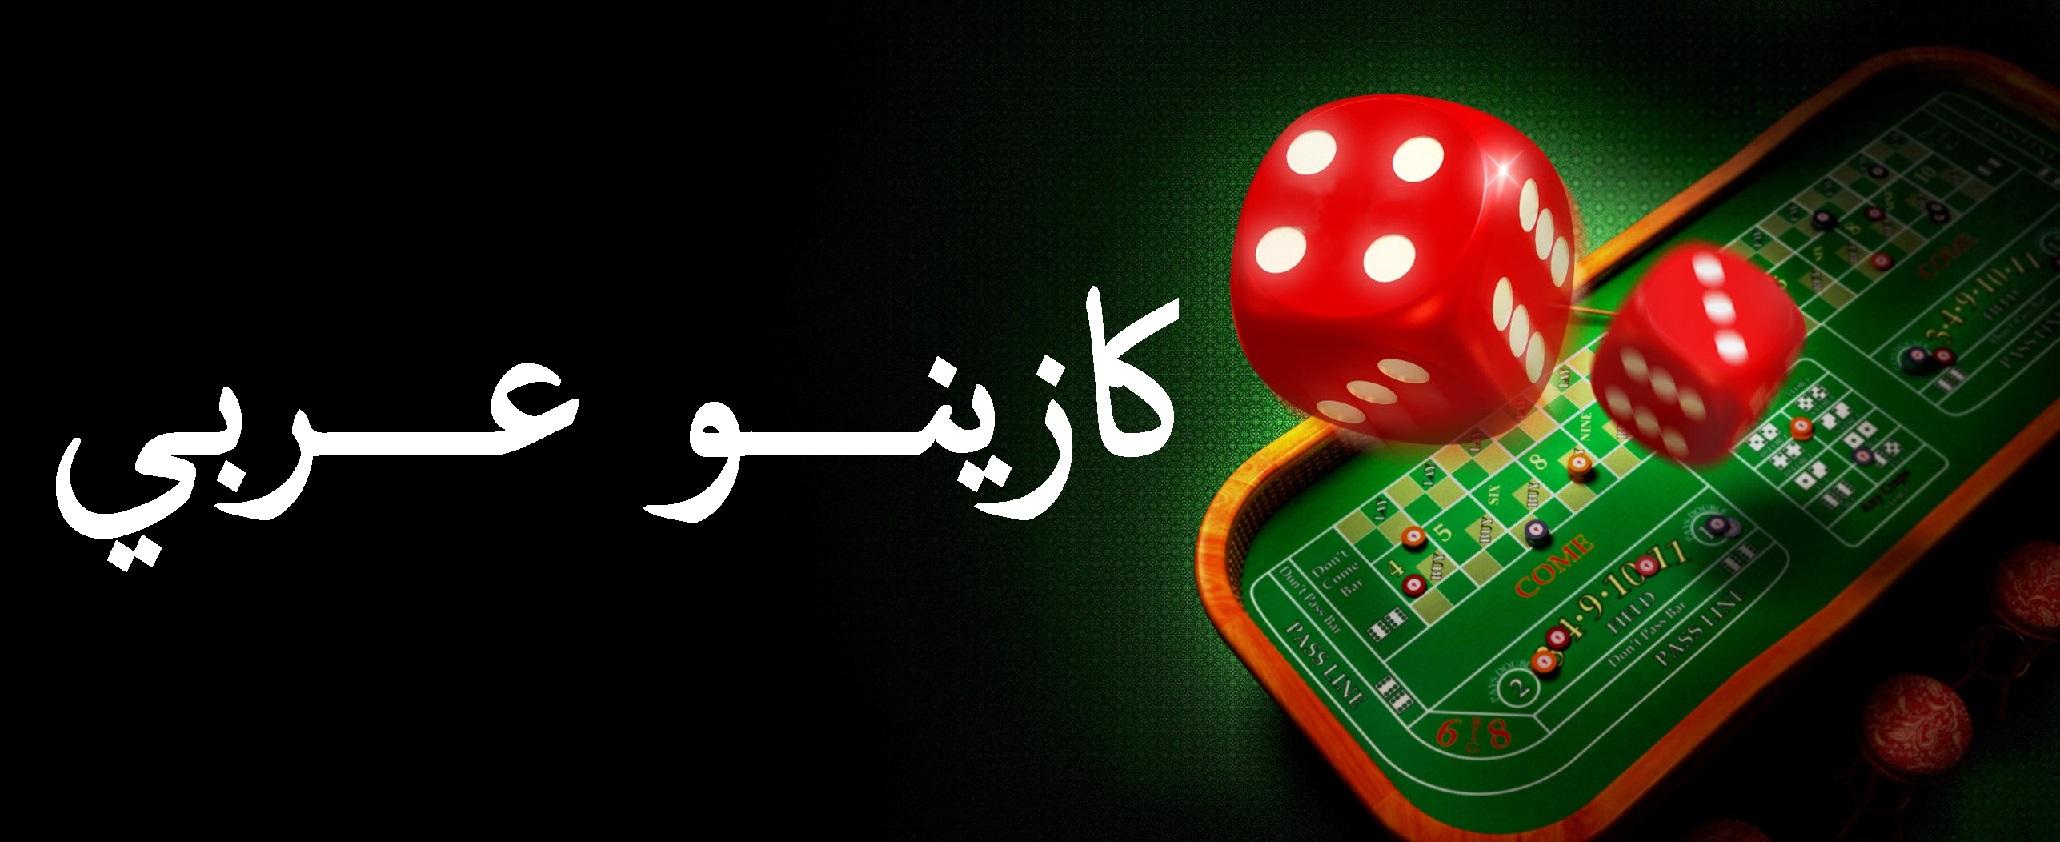 لعبة البينجو - 98110